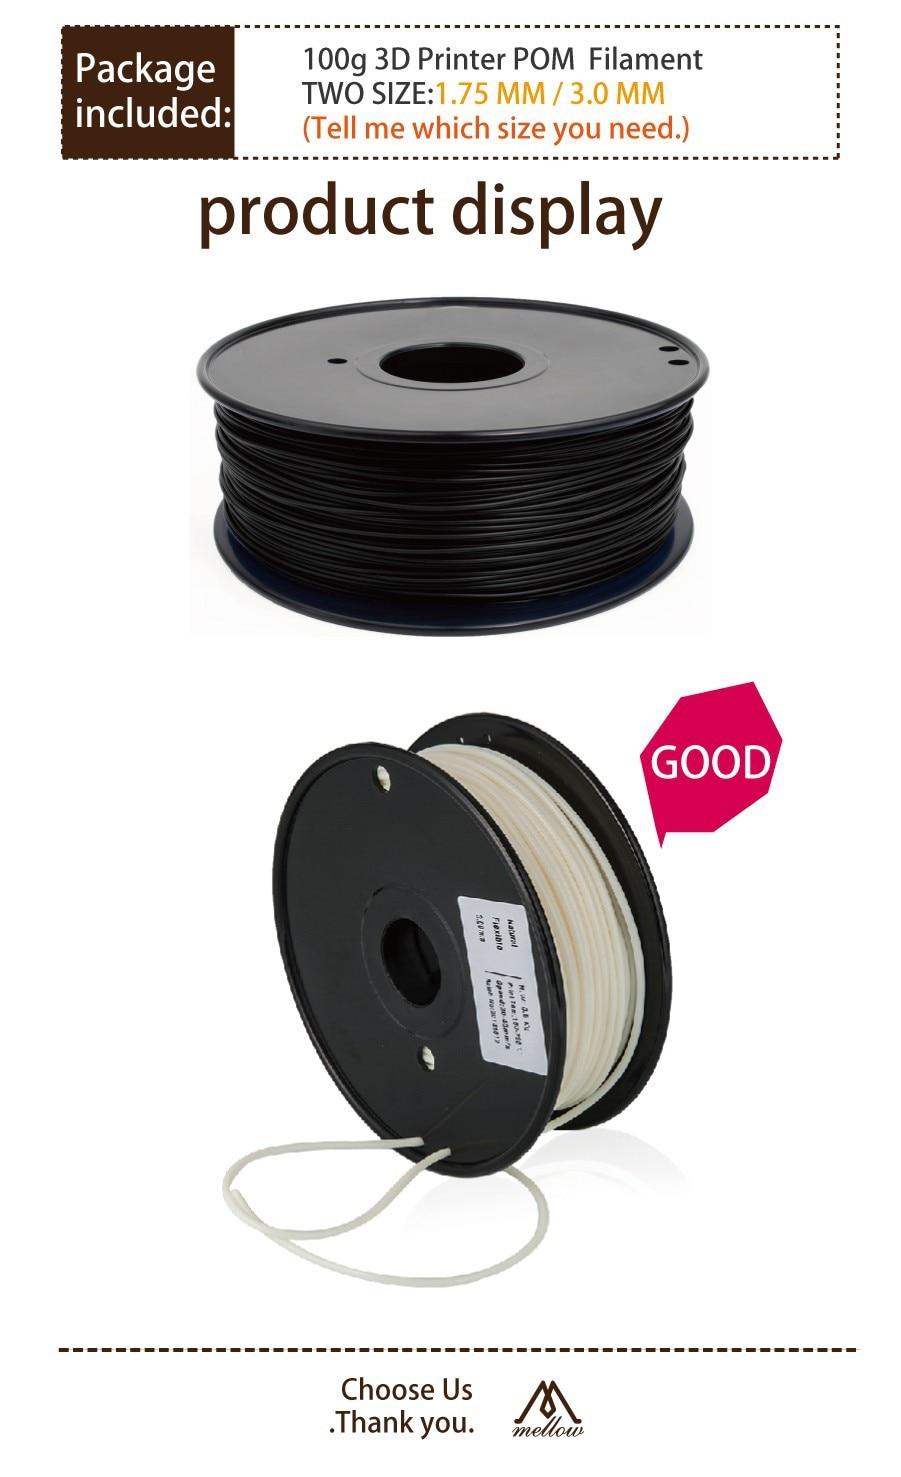 3D Printer Filament - POM 3